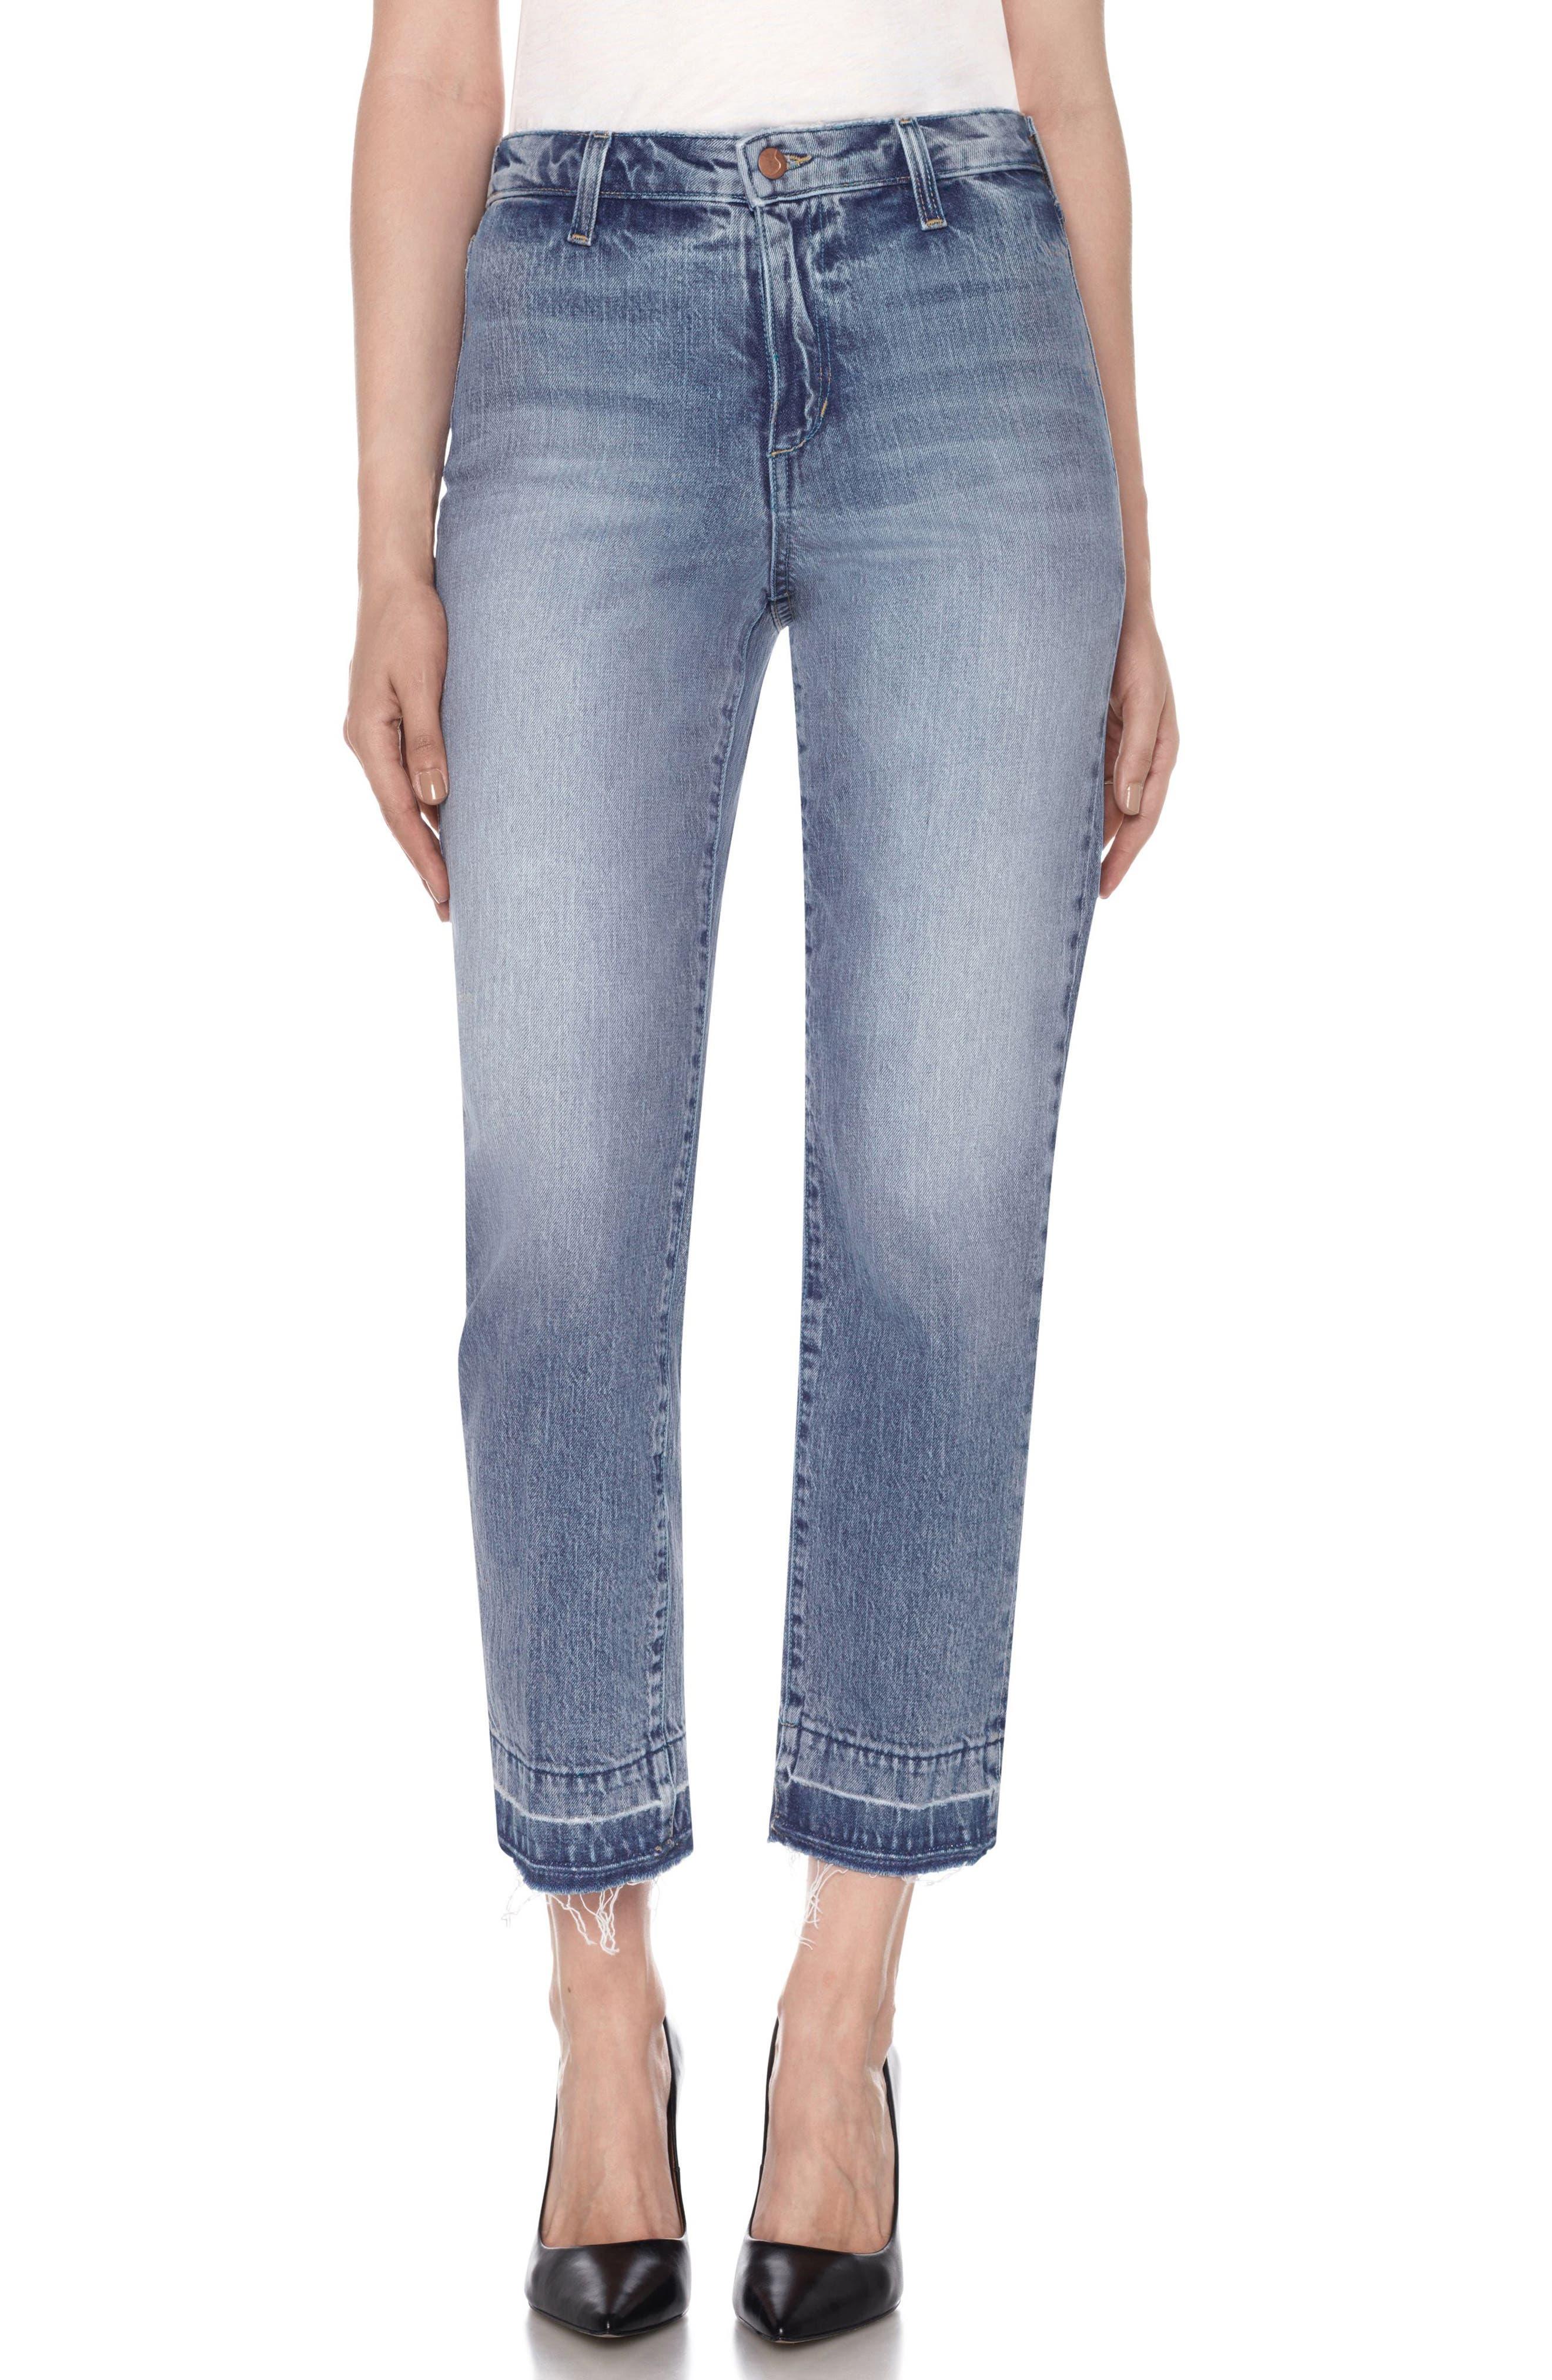 Alternate Image 1 Selected - Joe's Jane Crop Slim Boyfriend Jeans (Prairie)